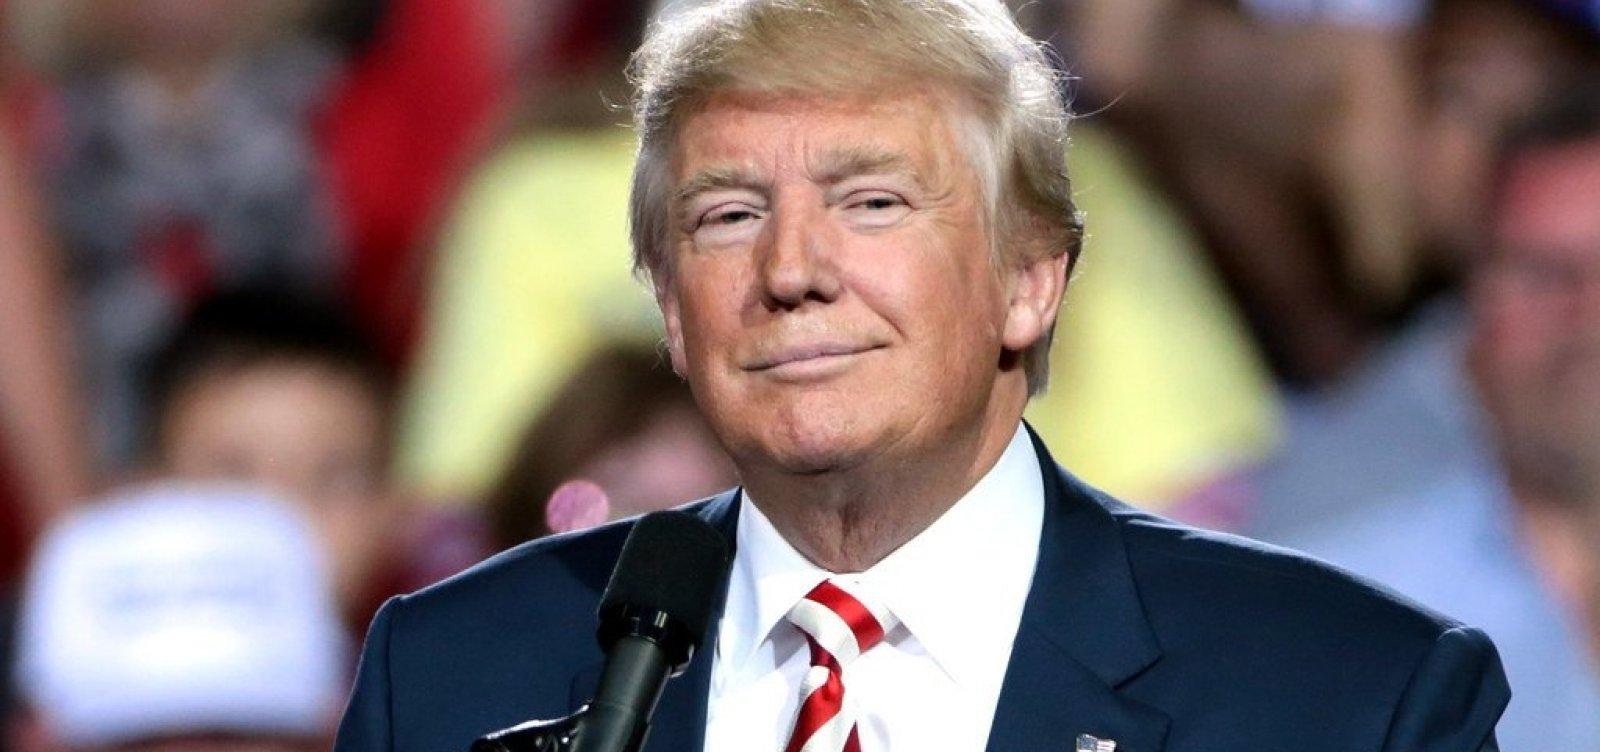 Trump diz que não vai deixar China se tornar maior economia do mundo